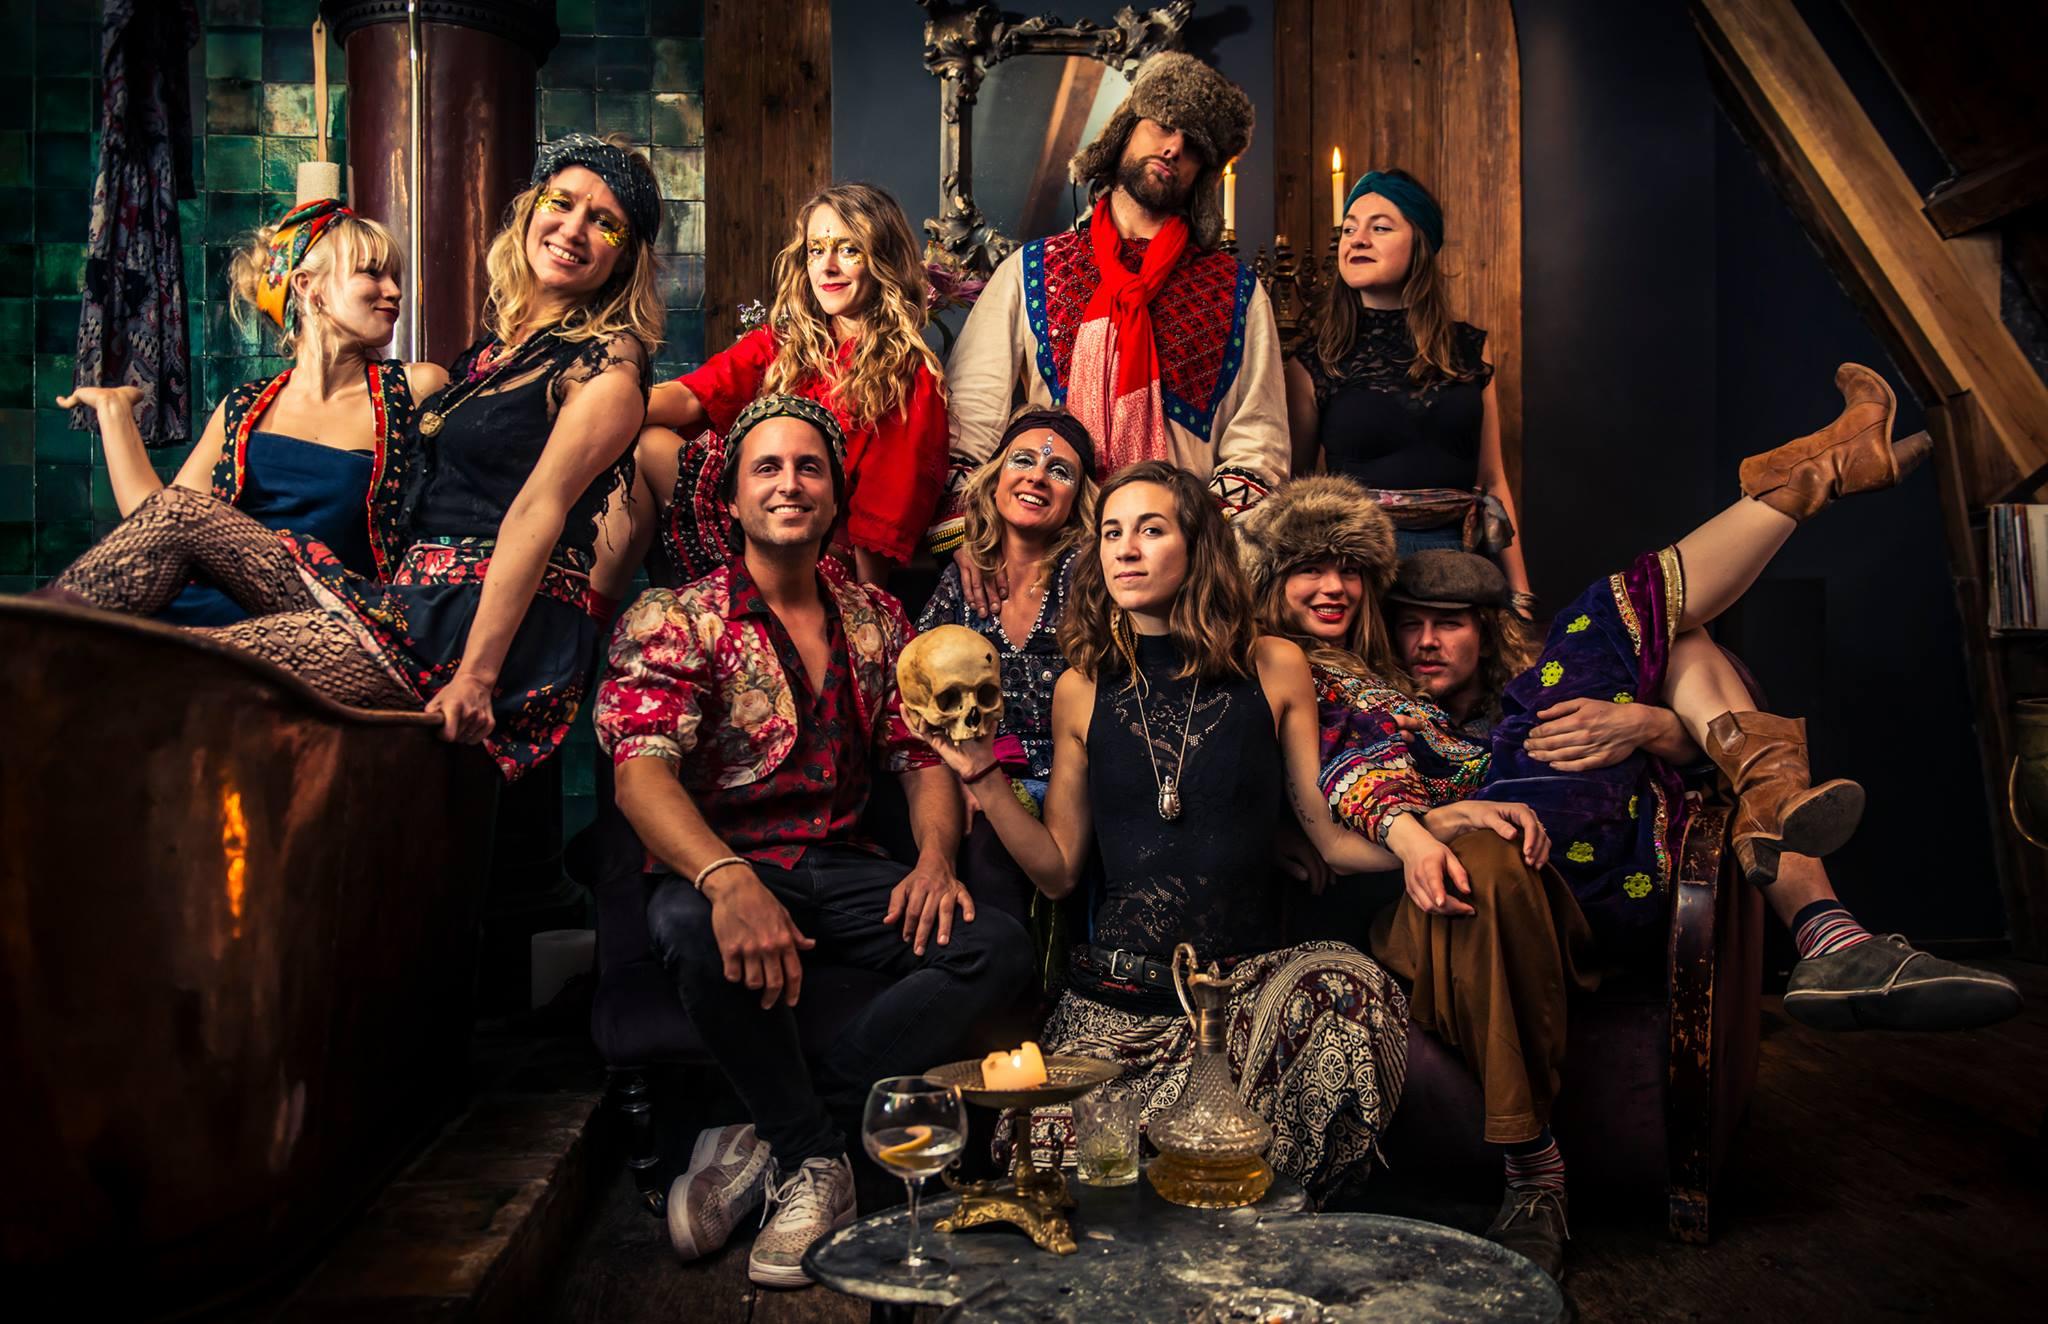 king-of-the-gypsies-nye-femfem